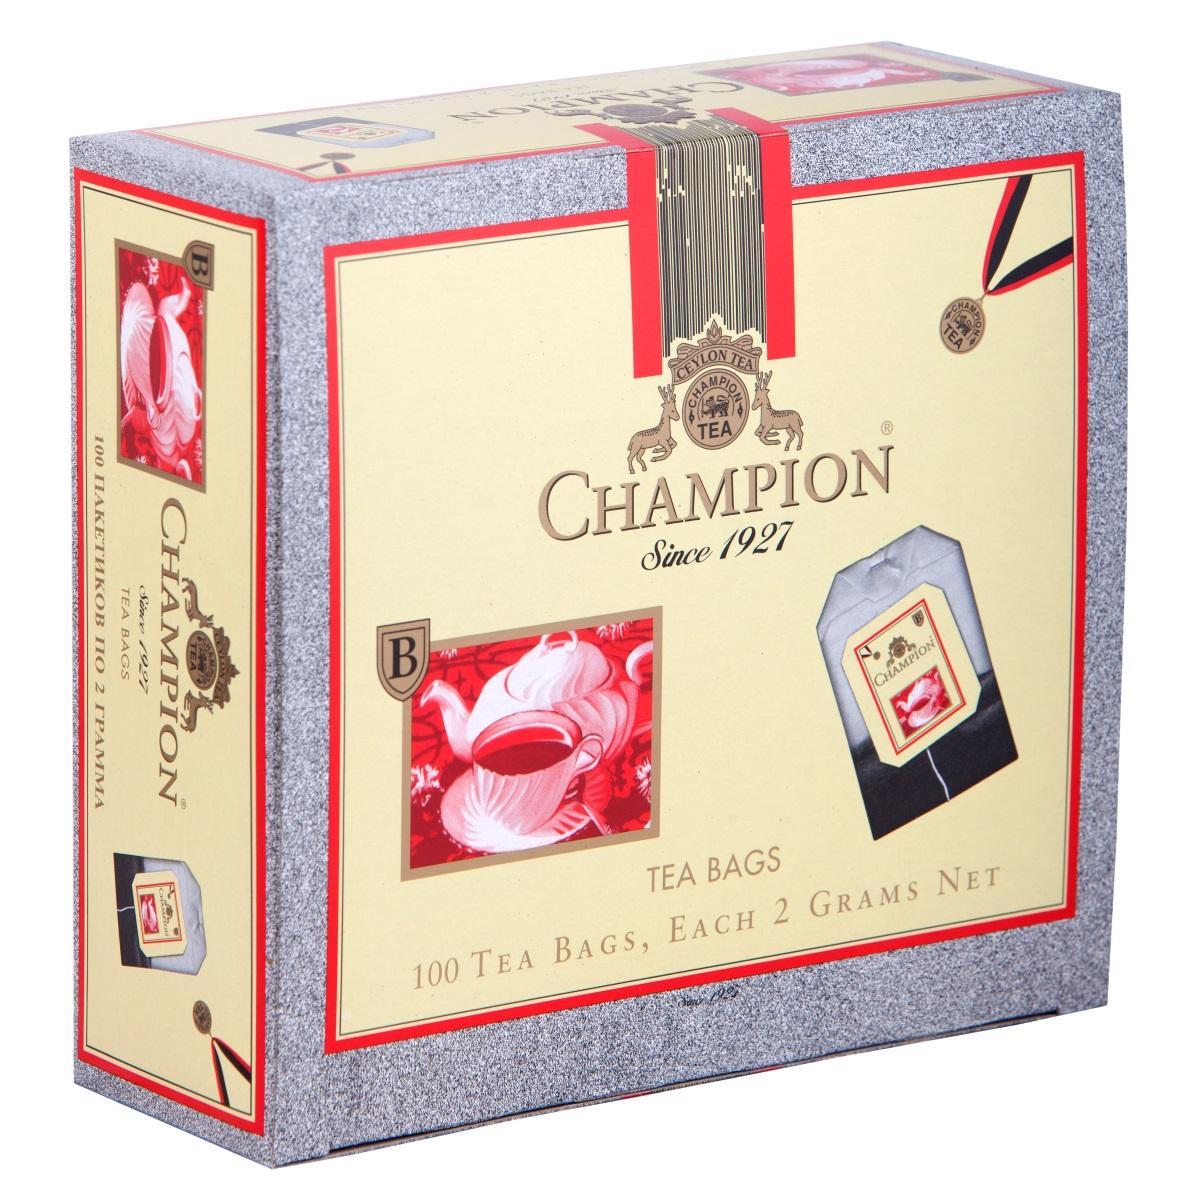 Champion черный листовой чай в пакетиках, 100 шт champion черный листовой чай в пакетиках 25 шт